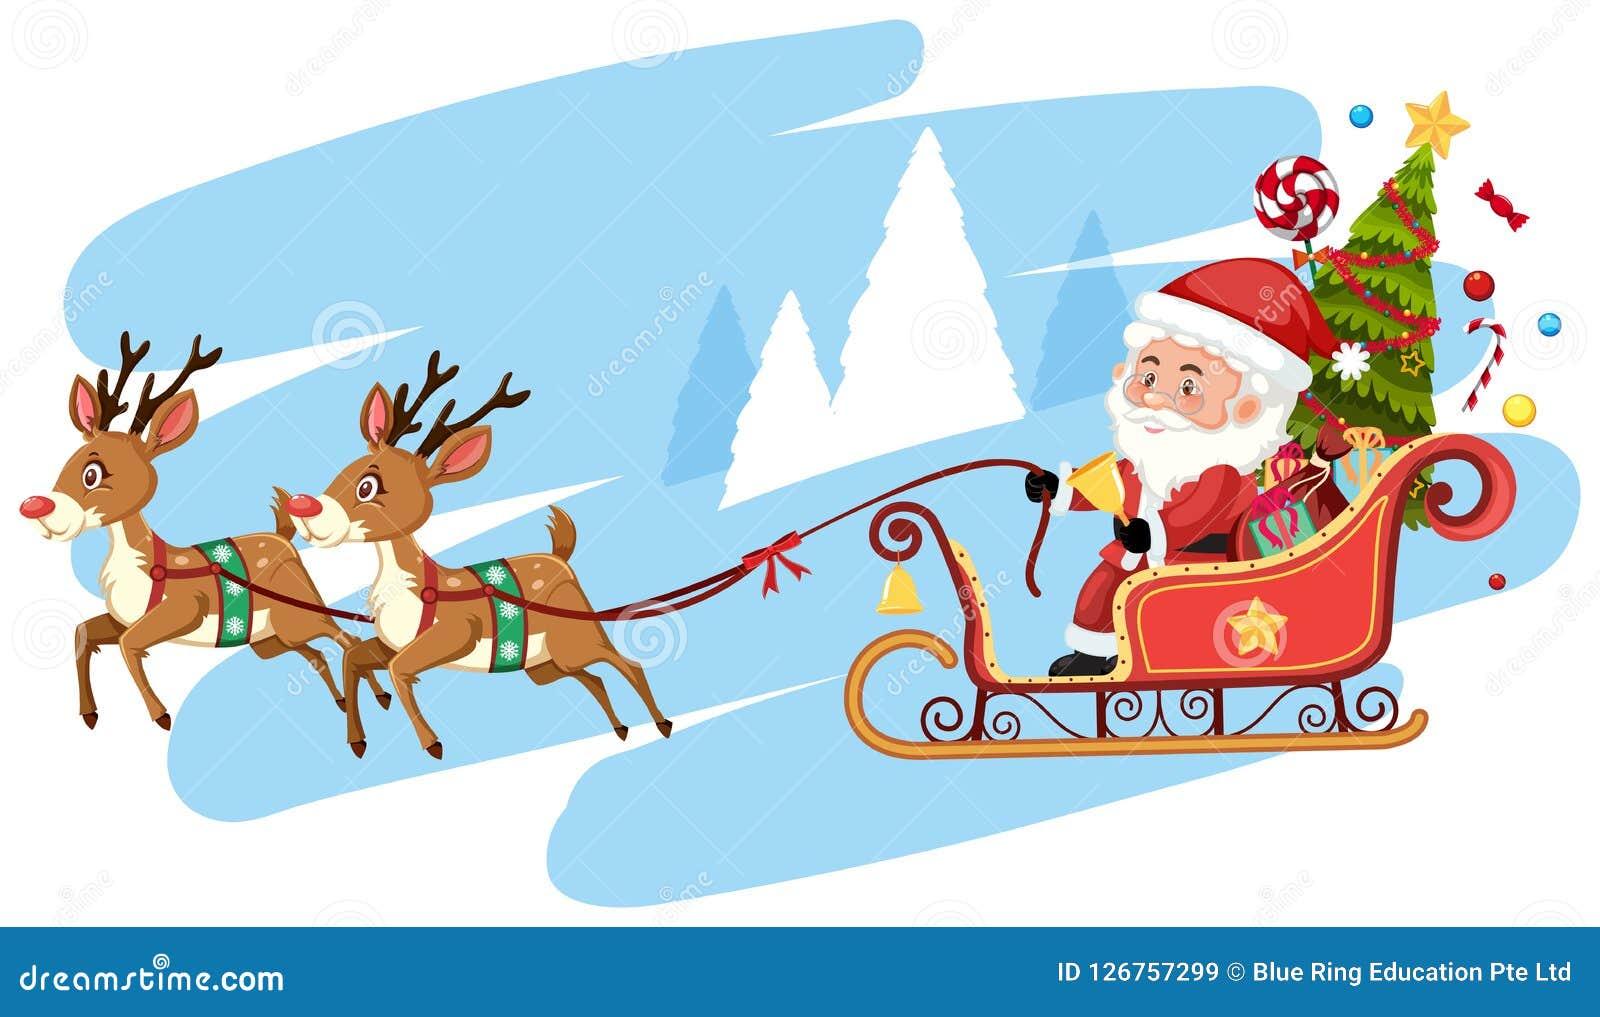 Foto Della Slitta Di Babbo Natale.Modello Della Slitta Di Guida Del Babbo Natale Illustrazione Vettoriale Illustrazione Di Cervi Mascherina 126757299